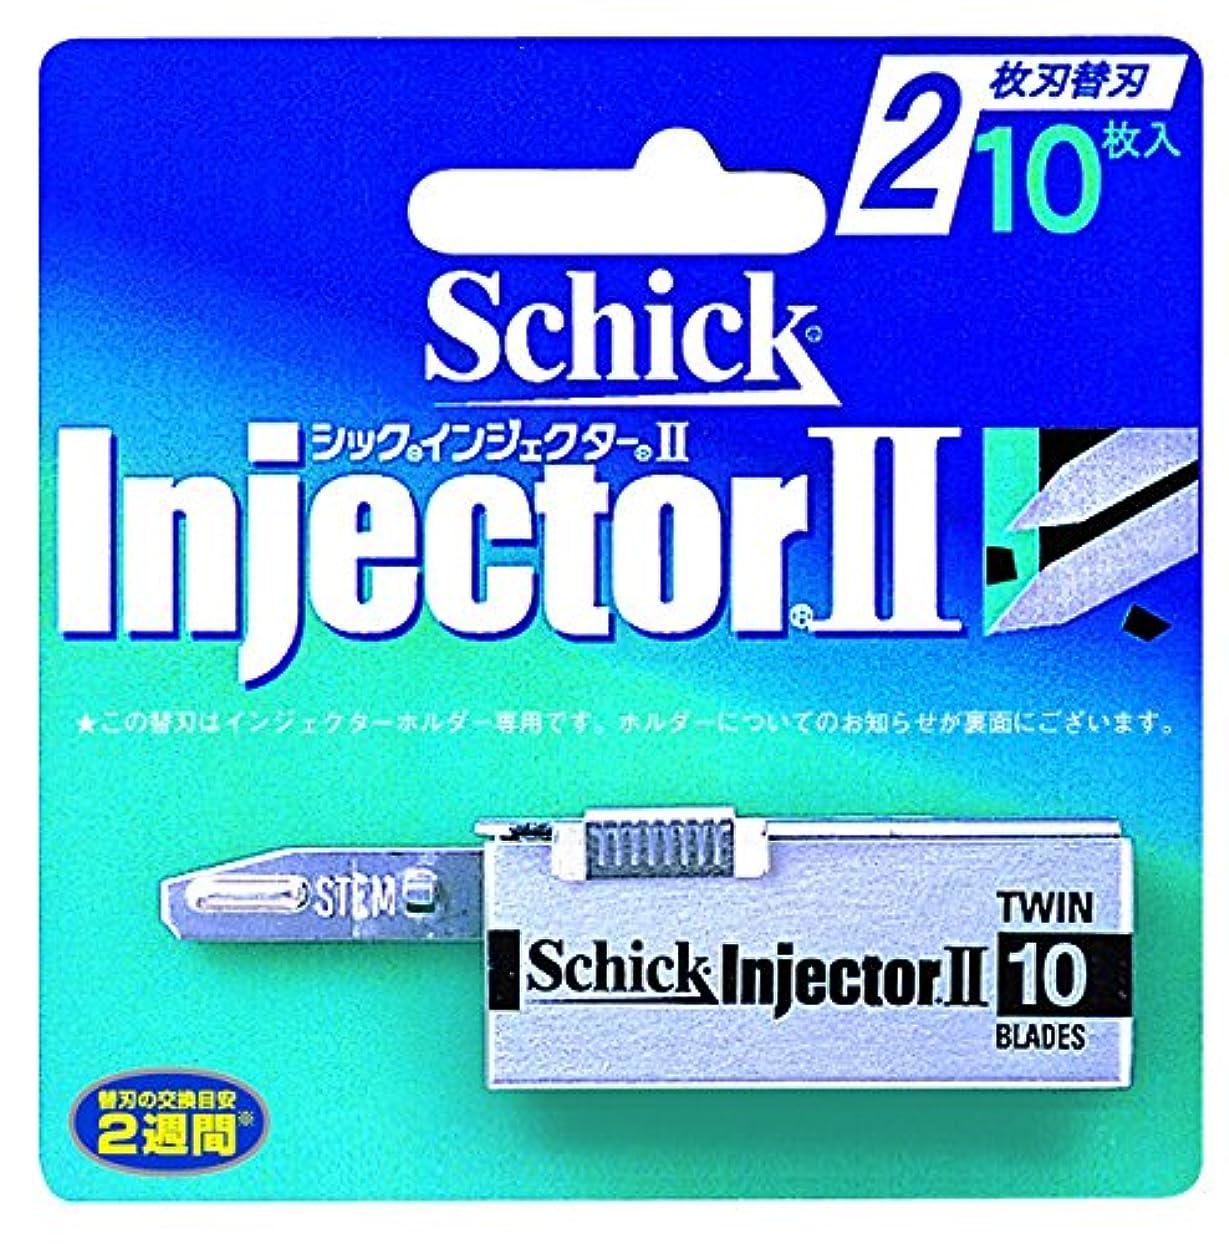 監督する許容できる縫うシック インジェクターII替刃(10枚入り)